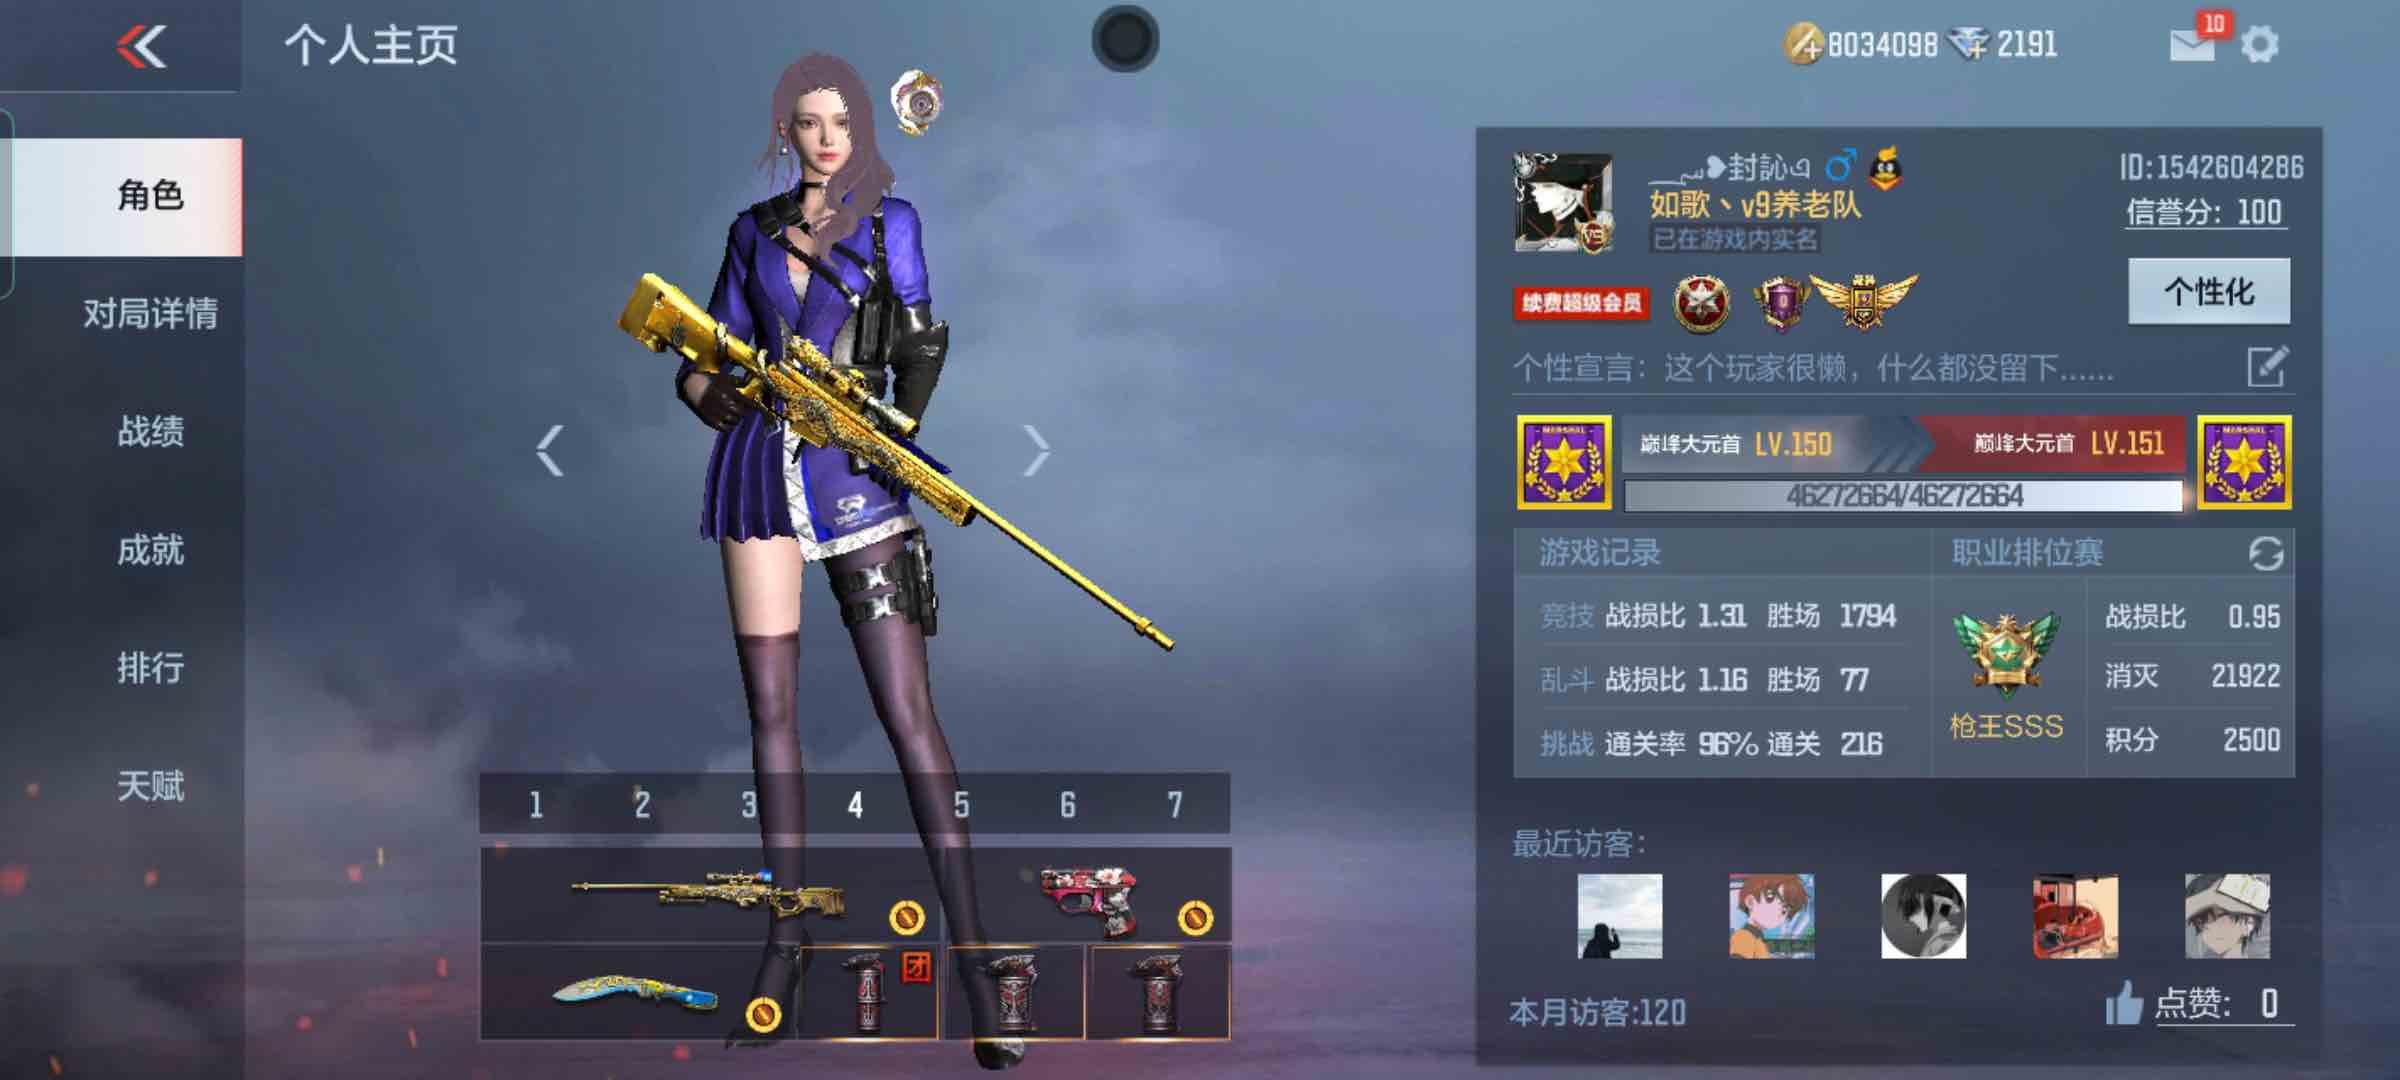 CF手游陪玩服务